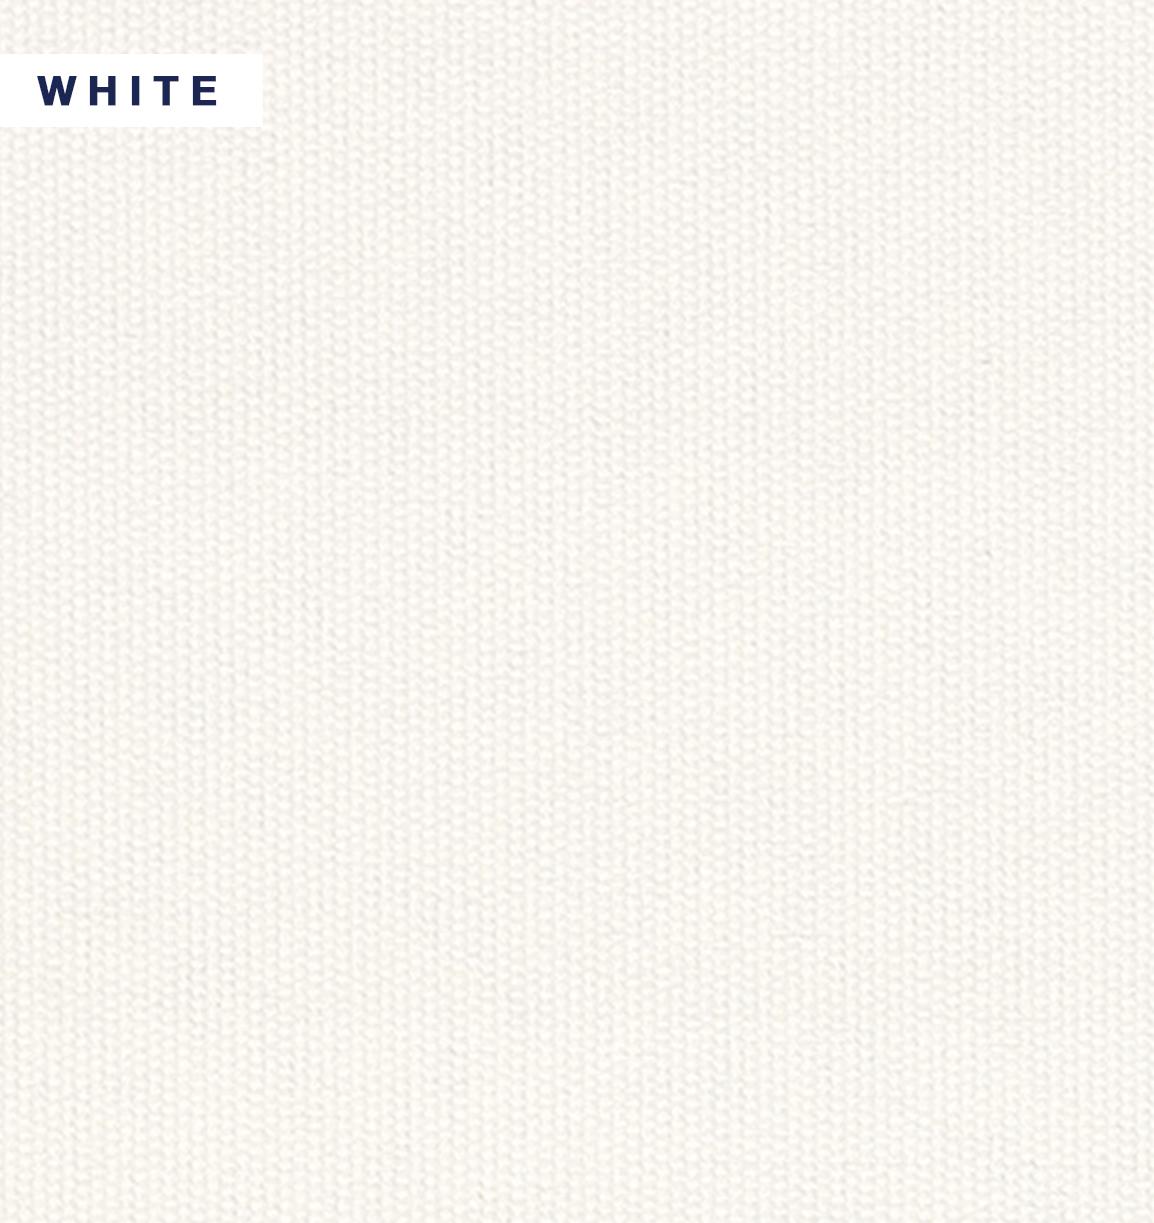 Vivid - White.jpg